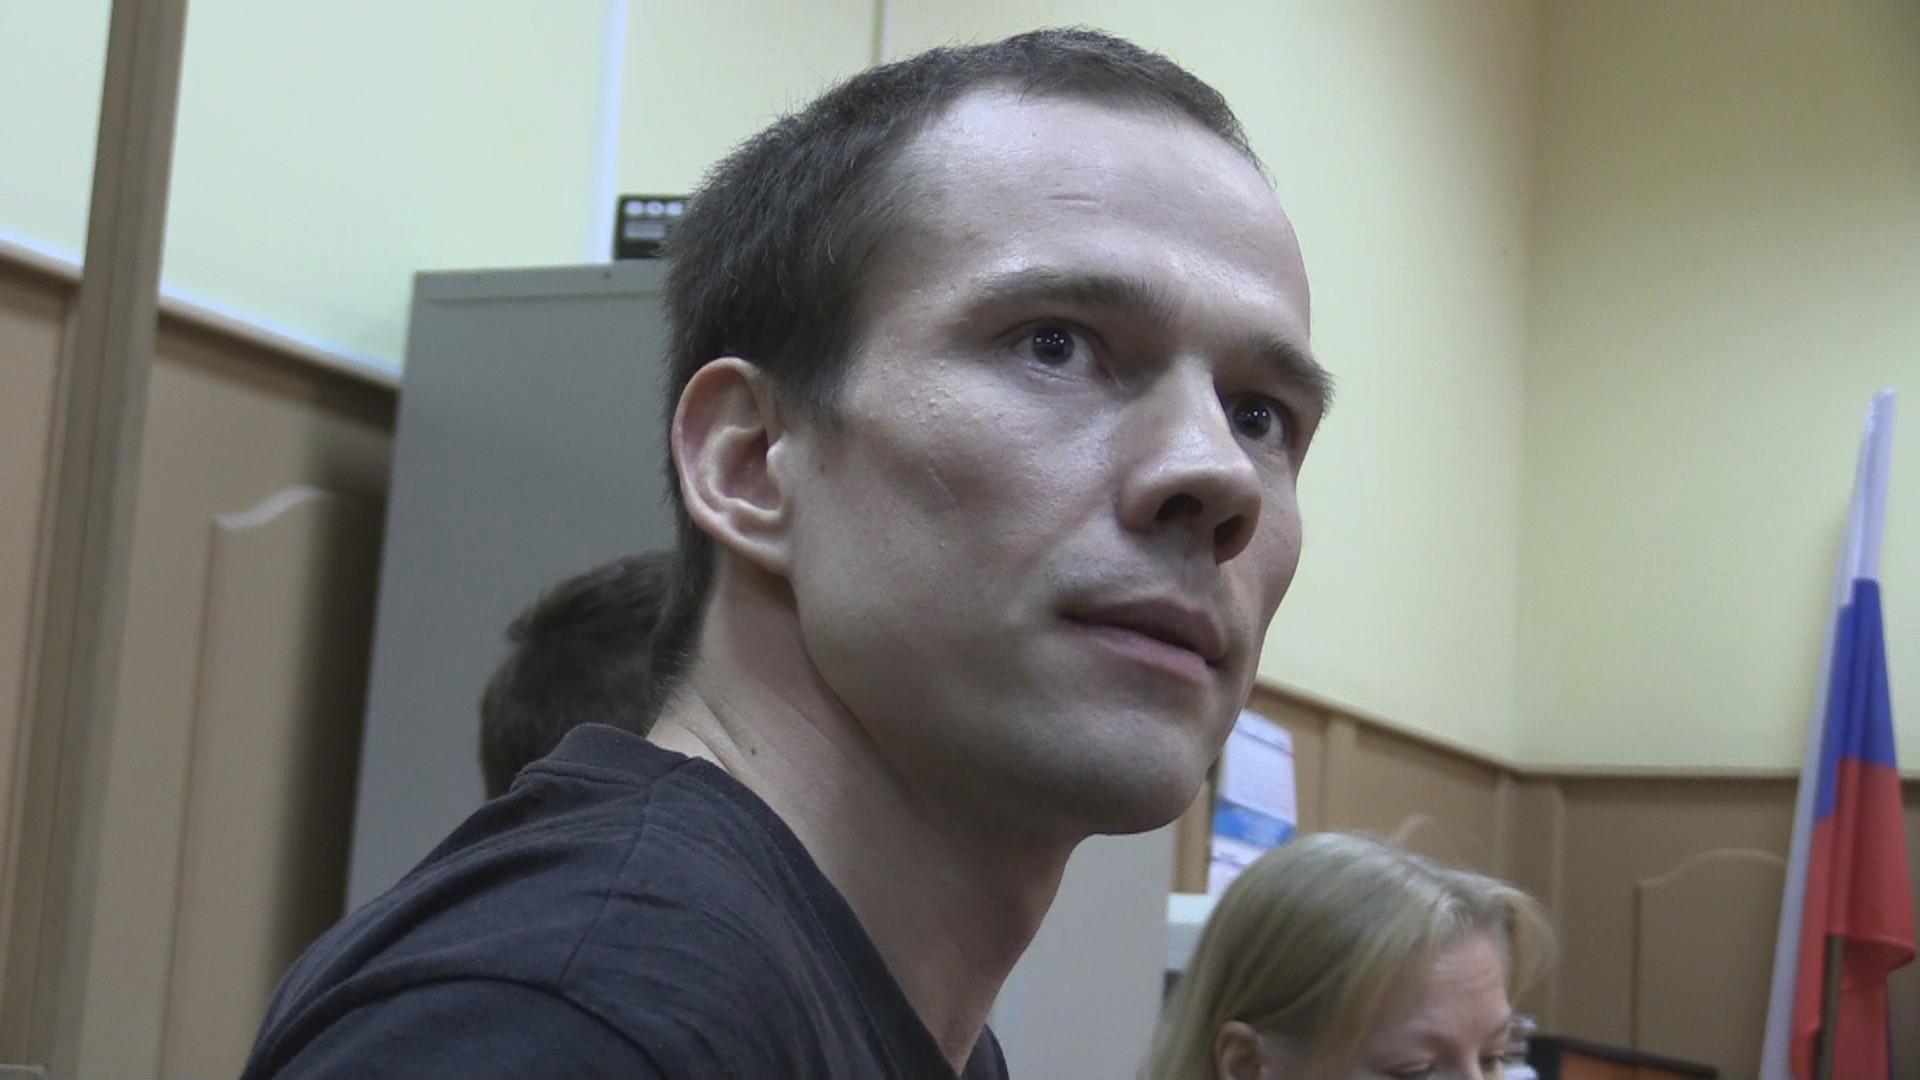 СледкомРФ не отыскал подтверждений пыток Дадина вколонии